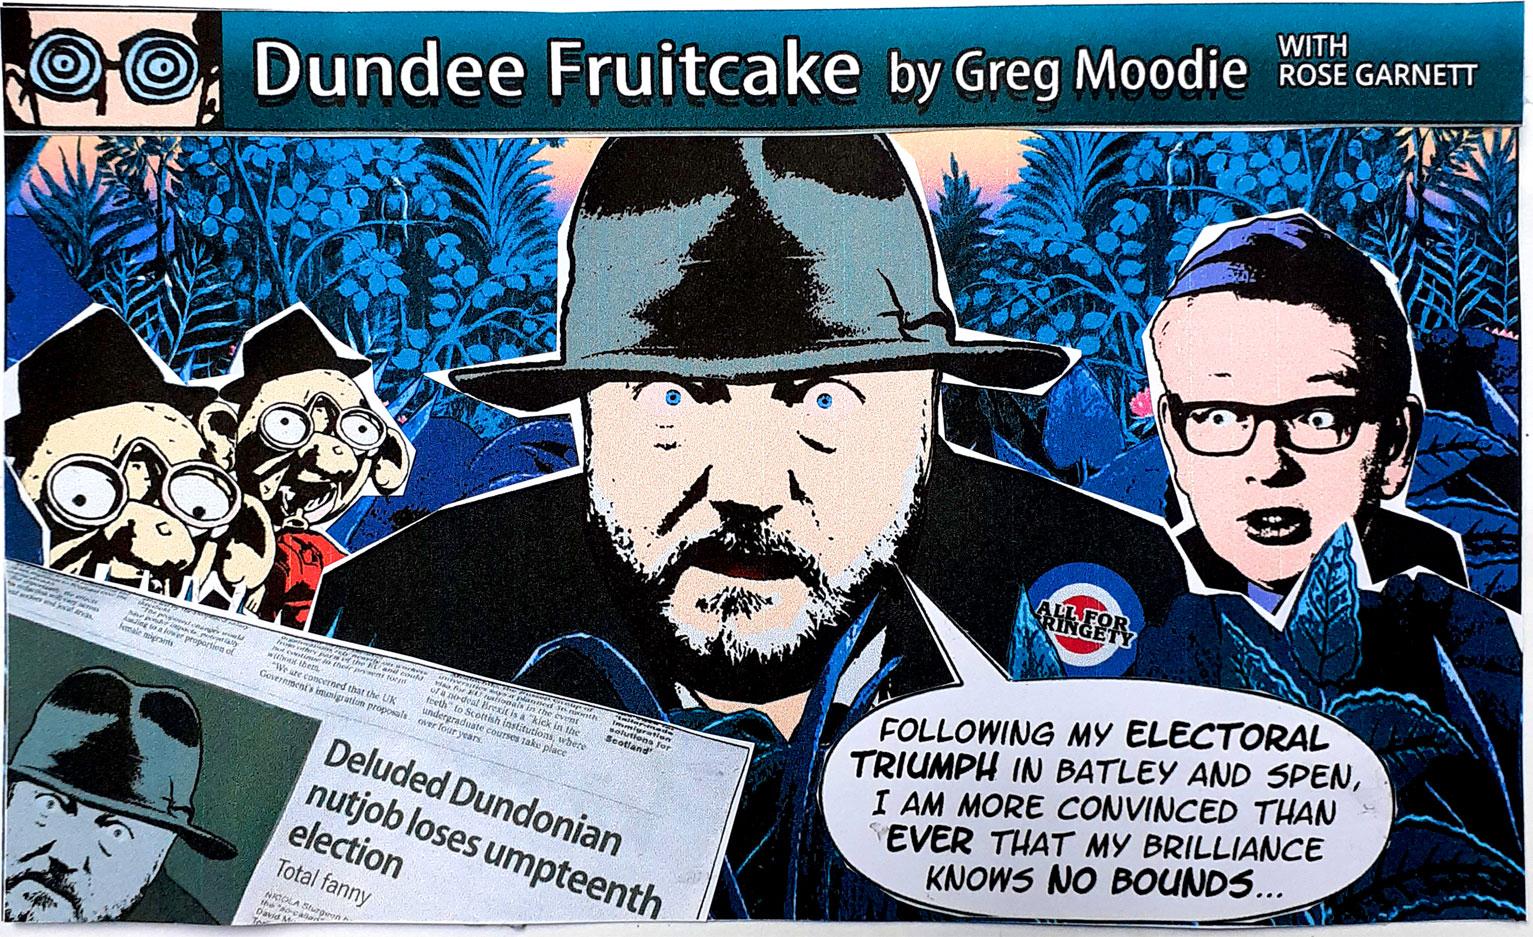 Dundee Fruitcake